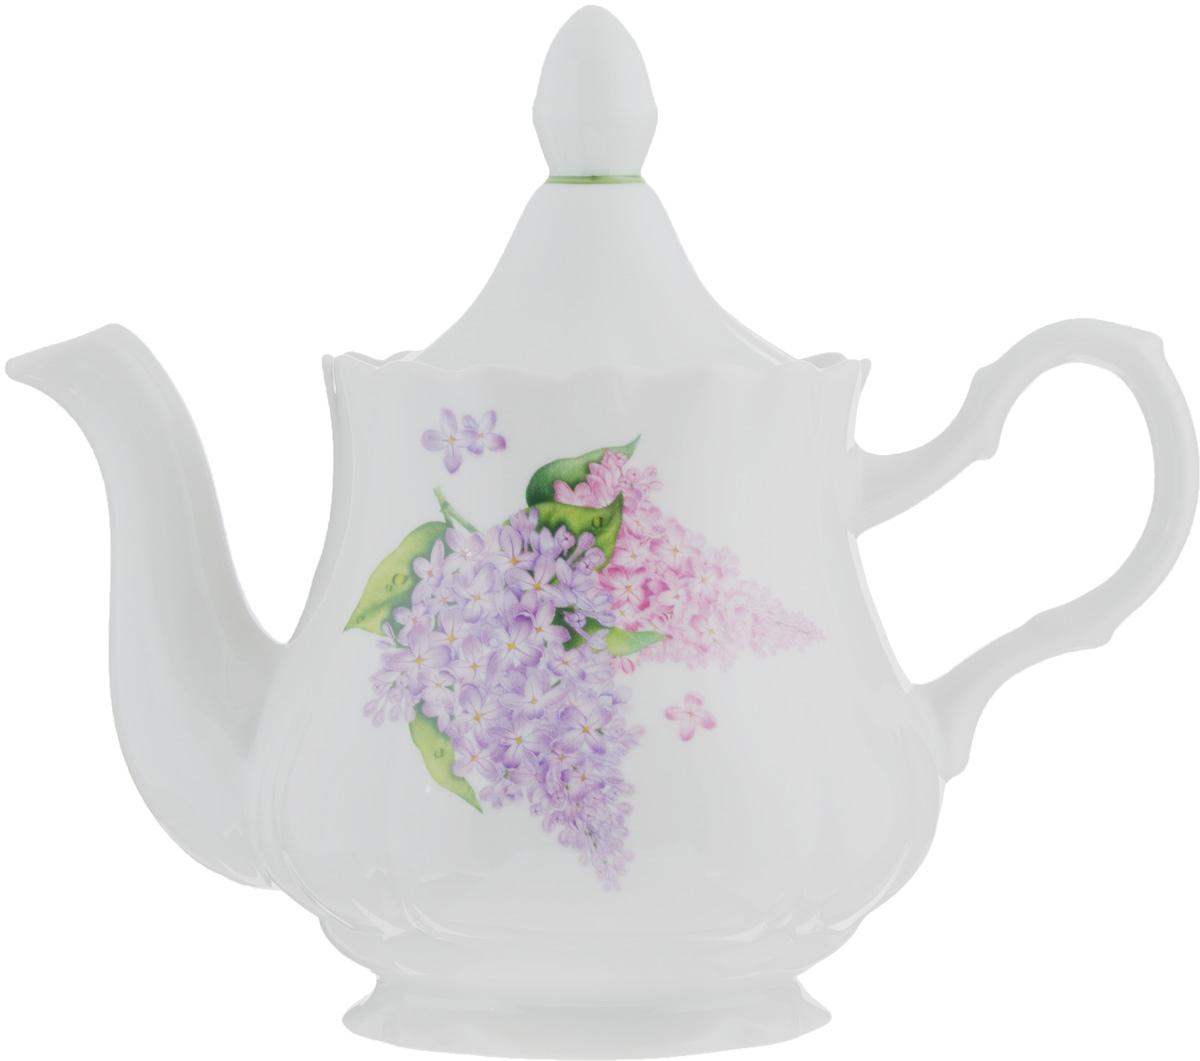 Чайник заварочный Романс. Сирень, 800 мл391602Заварочный чайник Романс. Сирень, выполненный из высококачественного фарфора, покрыт сверкающей глазурью. Изделие оснащено крышкой и украшено цветочным рисунком. Заварочный чайник Романс. Сирень придется по вкусу и ценителям классики, и тем, кто предпочитает утонченность и изысканность.Диаметр (по верхнему краю): 9,5 см. Высота чайника (без учета крышки): 12 см.